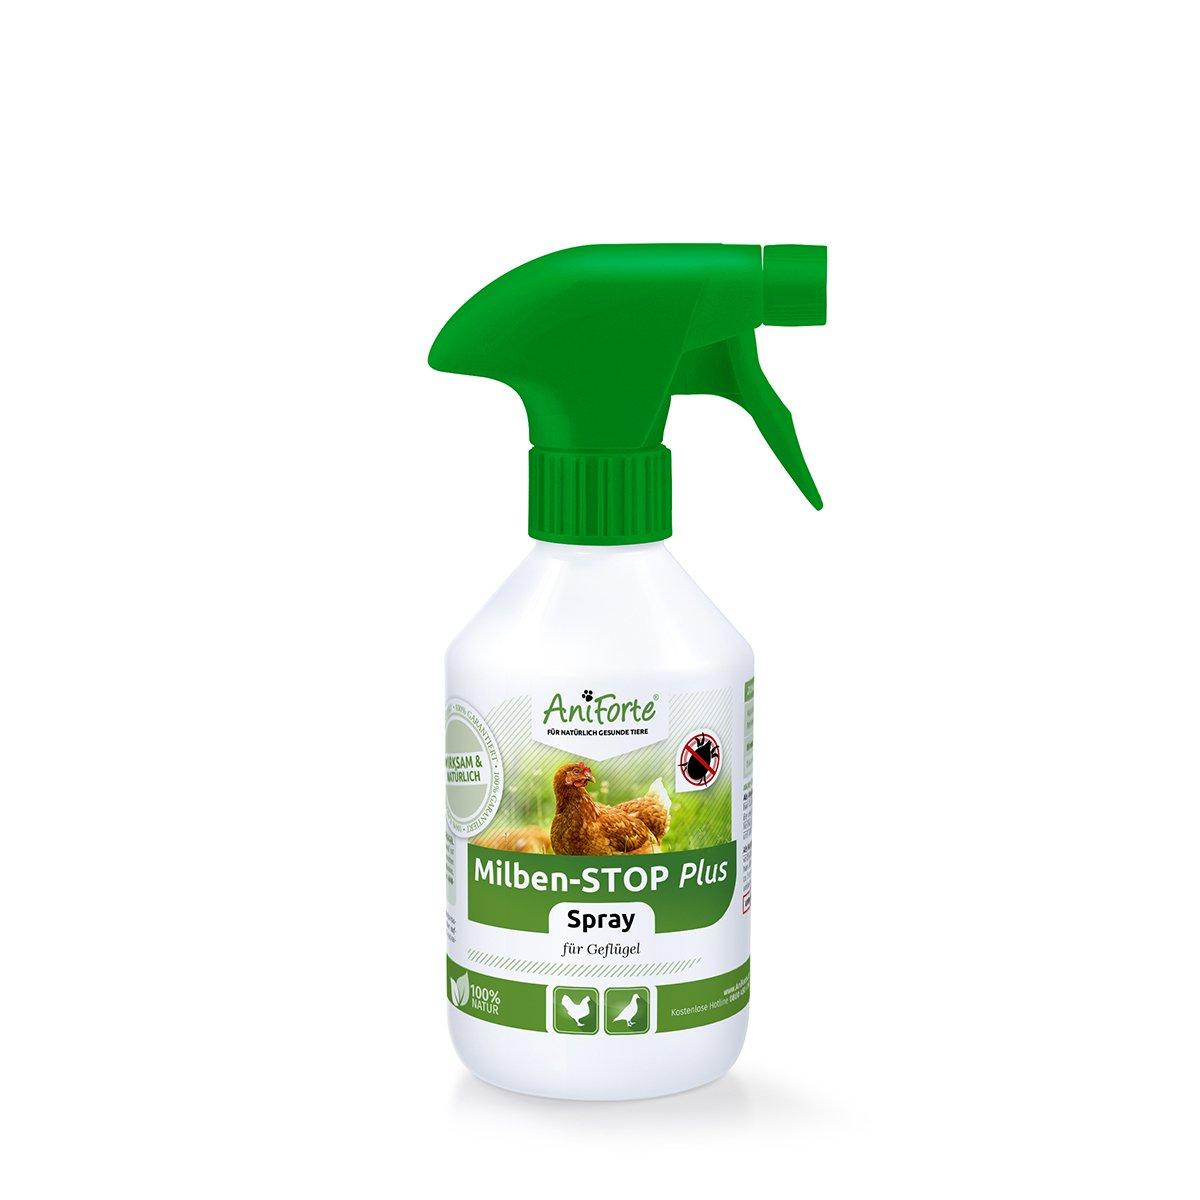 AniForte Milben - Stop Spray 250 ml - Naturprodukt für Geflügel gegen Milben und Parasiten ALS Umgebungsspray, Kontaktspray, bei akutem Befall und Vorbeugende Maßnahme, Natürlich effektiv Natürlich effektiv Görges Naturprodukte GmbH